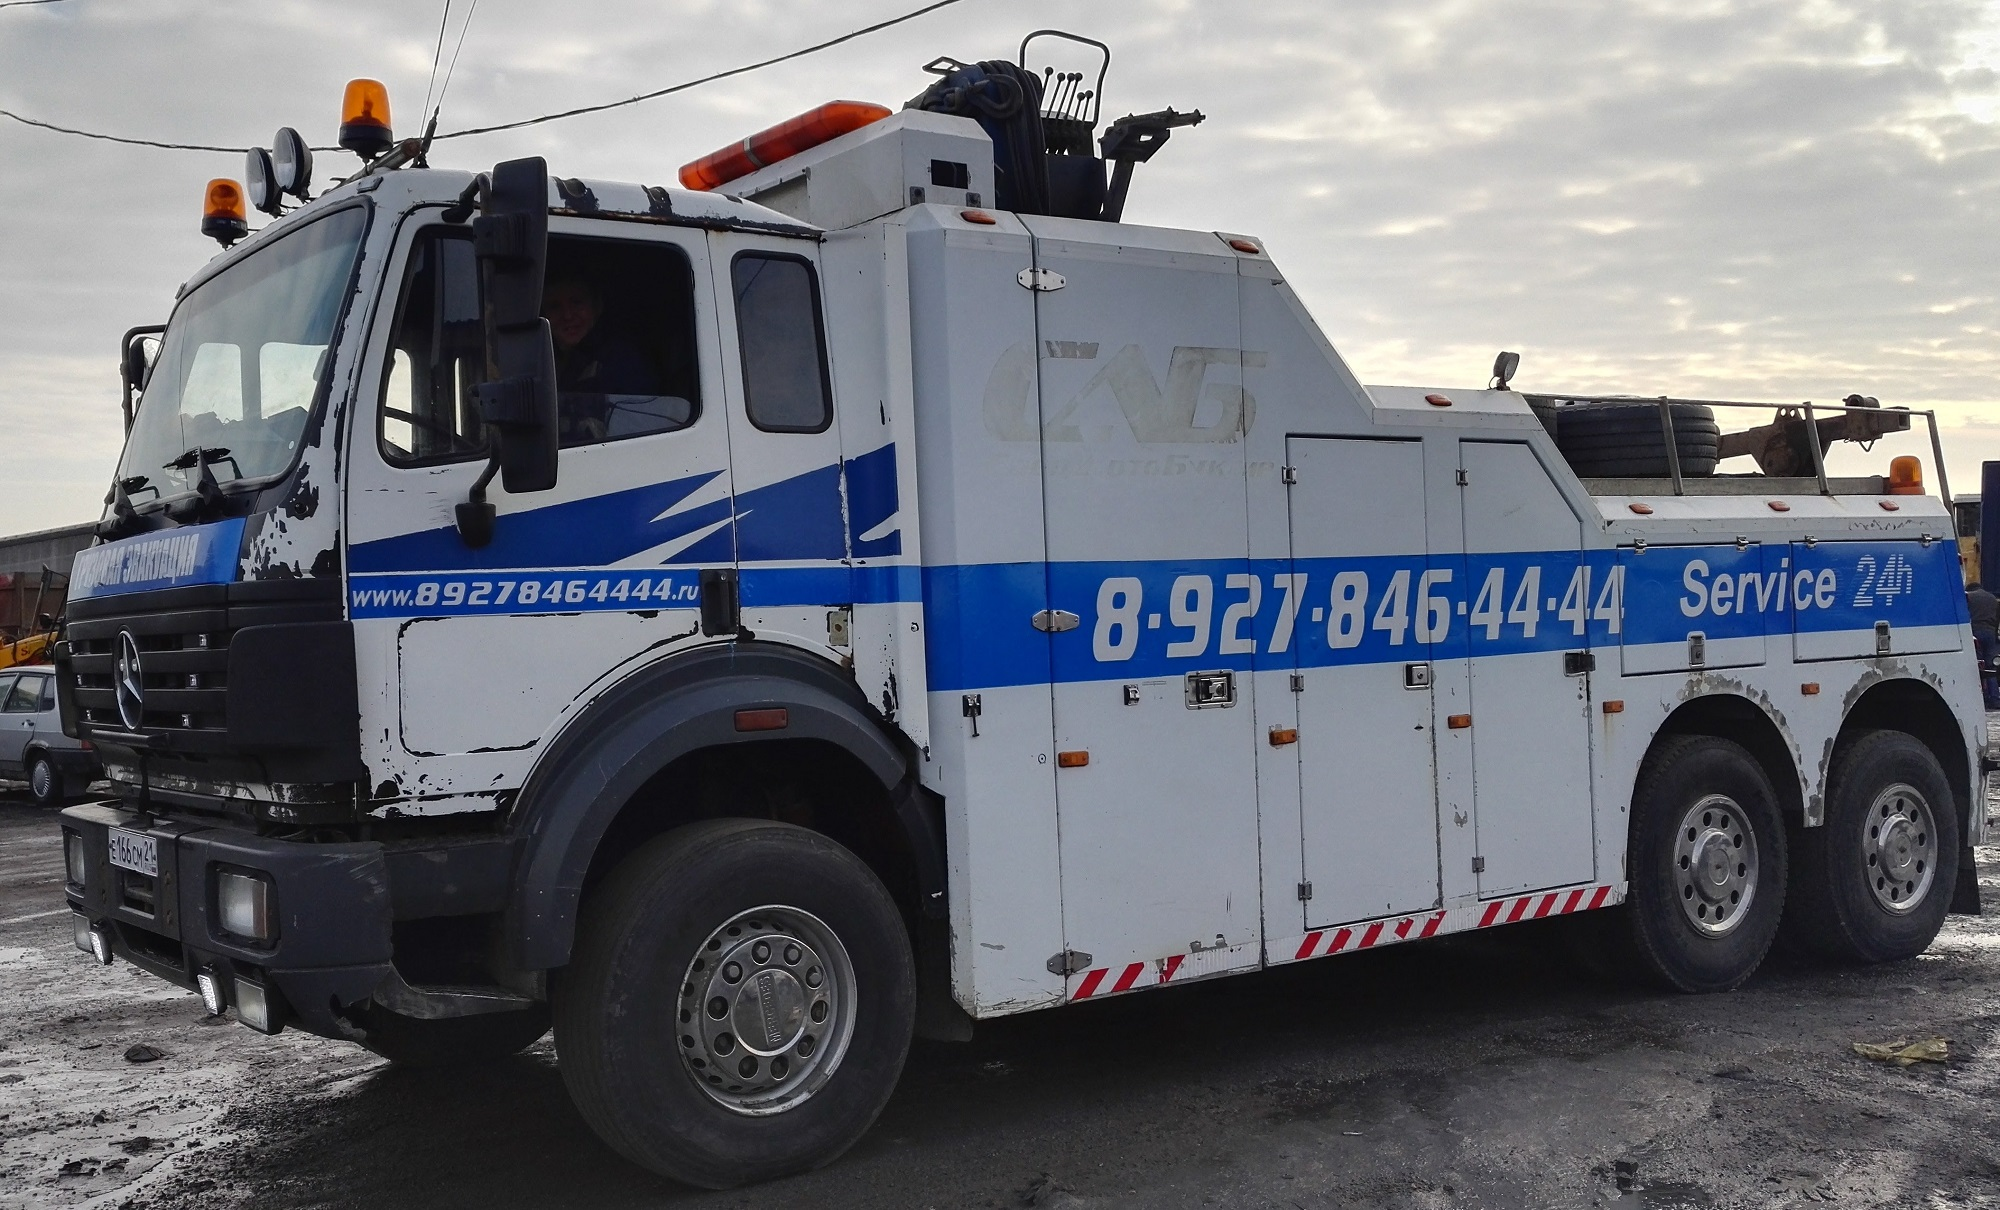 Грузовой эвакуатор 89278464444.ru